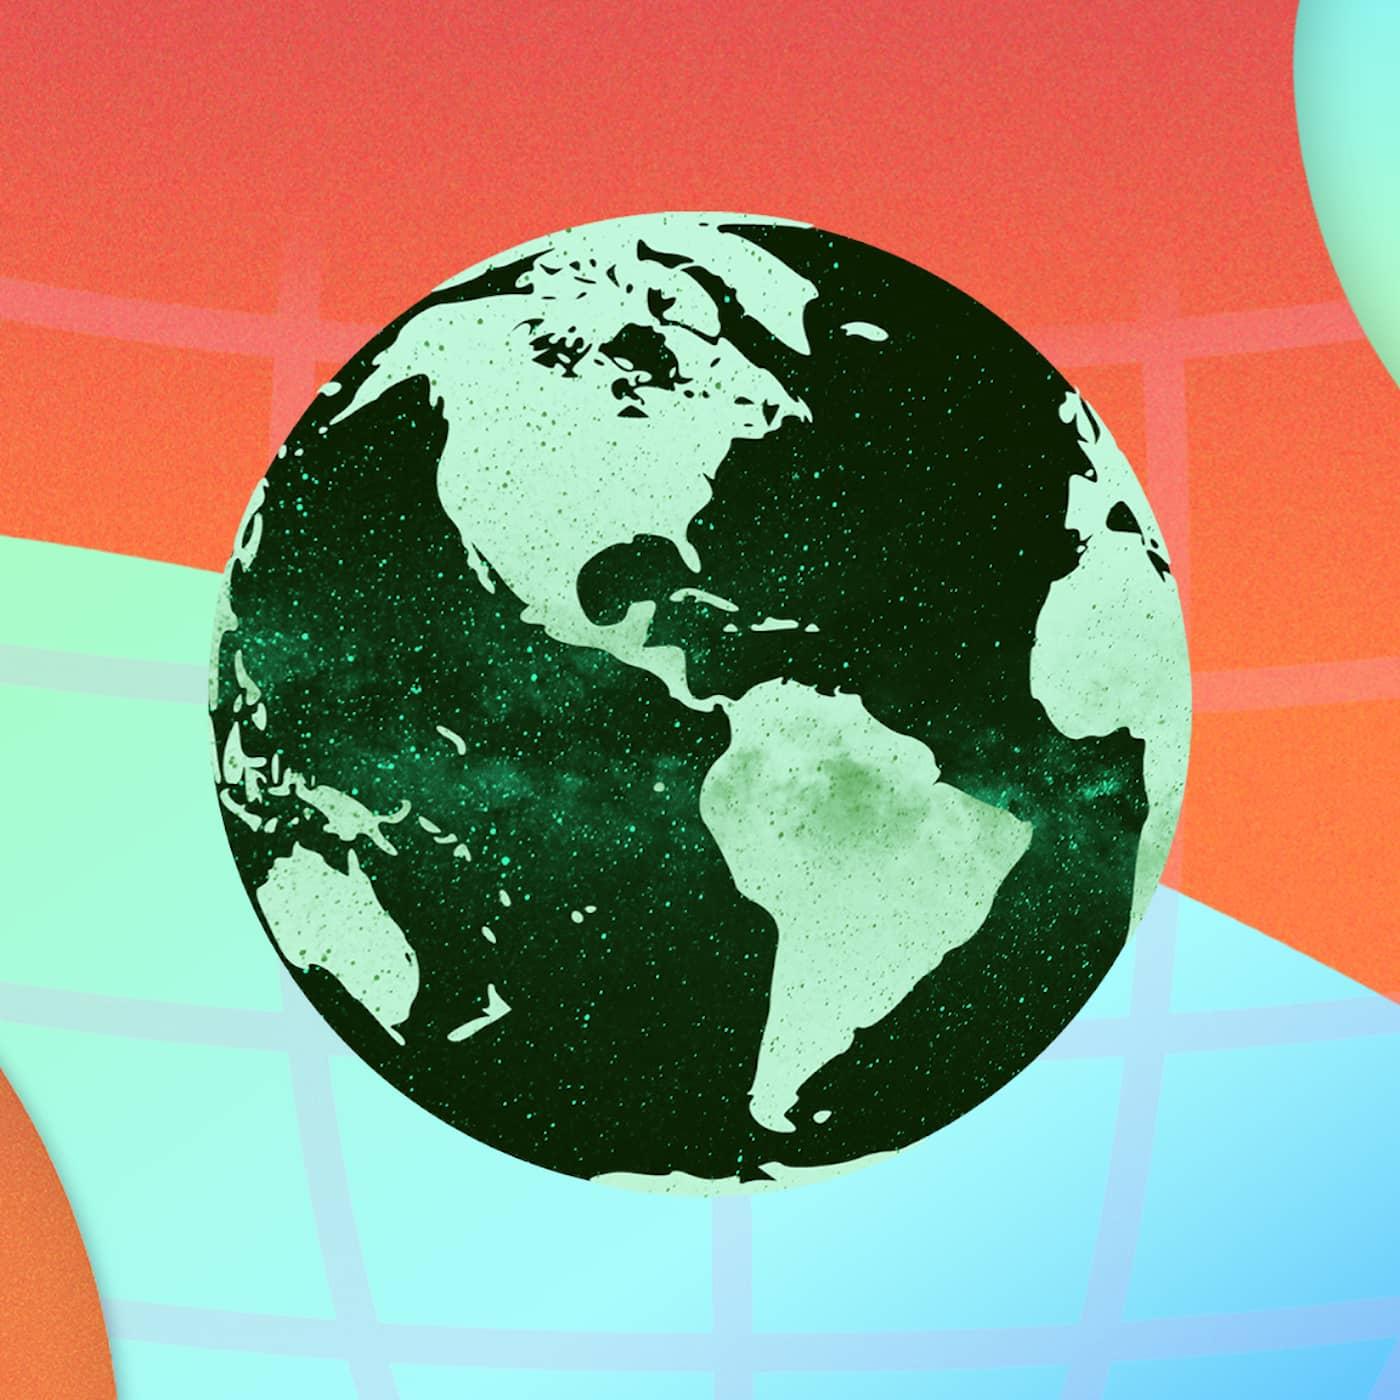 Spice Girl hackeranklagar Murdoch och den tyska valrysaren – P3 nyheter med Kalle Berg.